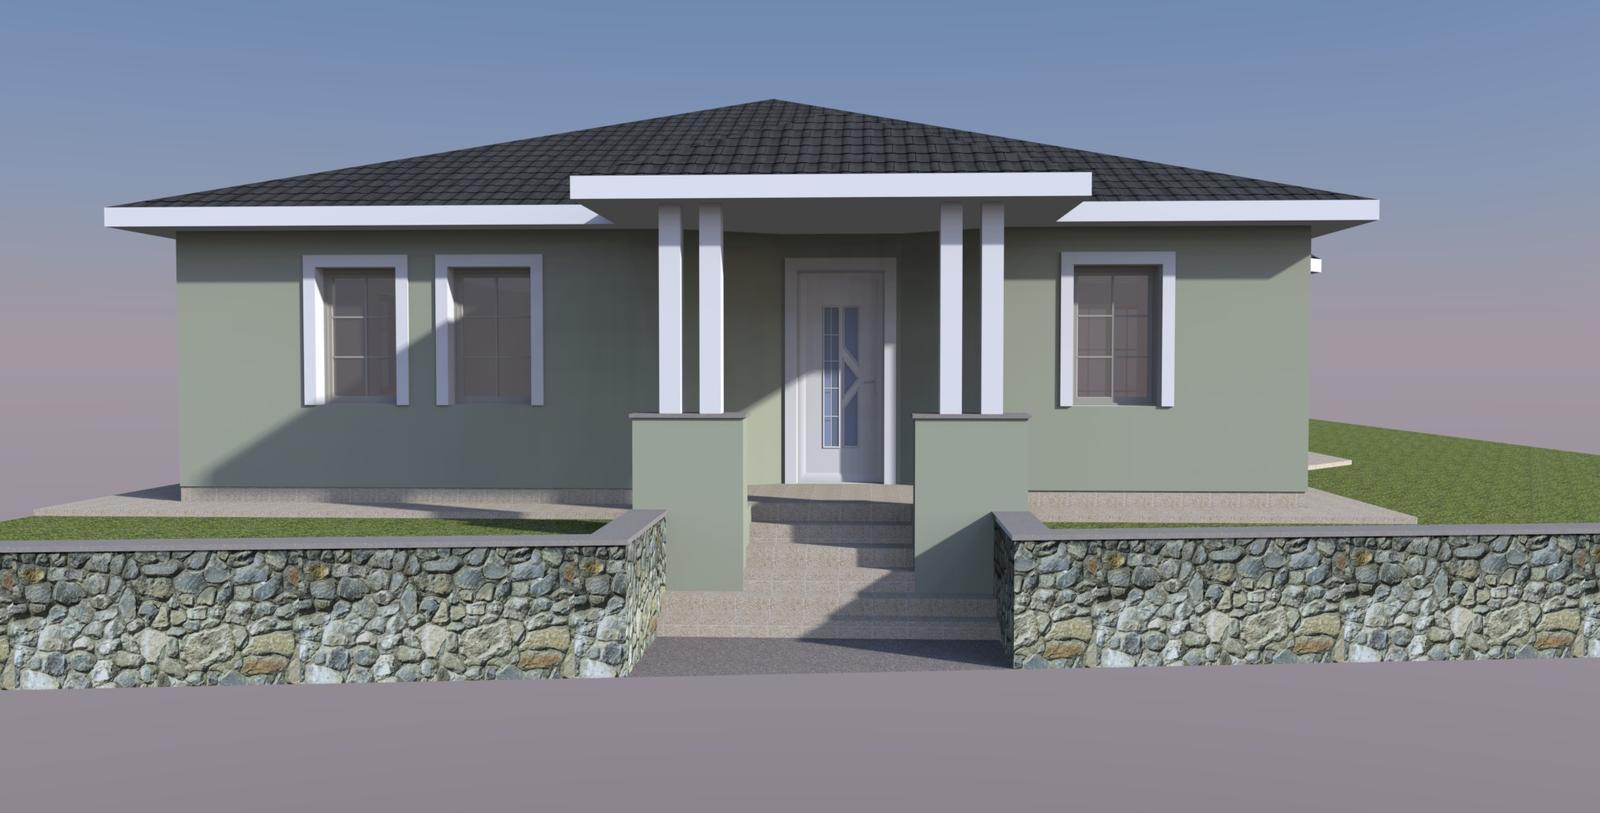 Prebiehajuce projekty - Obnova fasády, schodiska a terasy